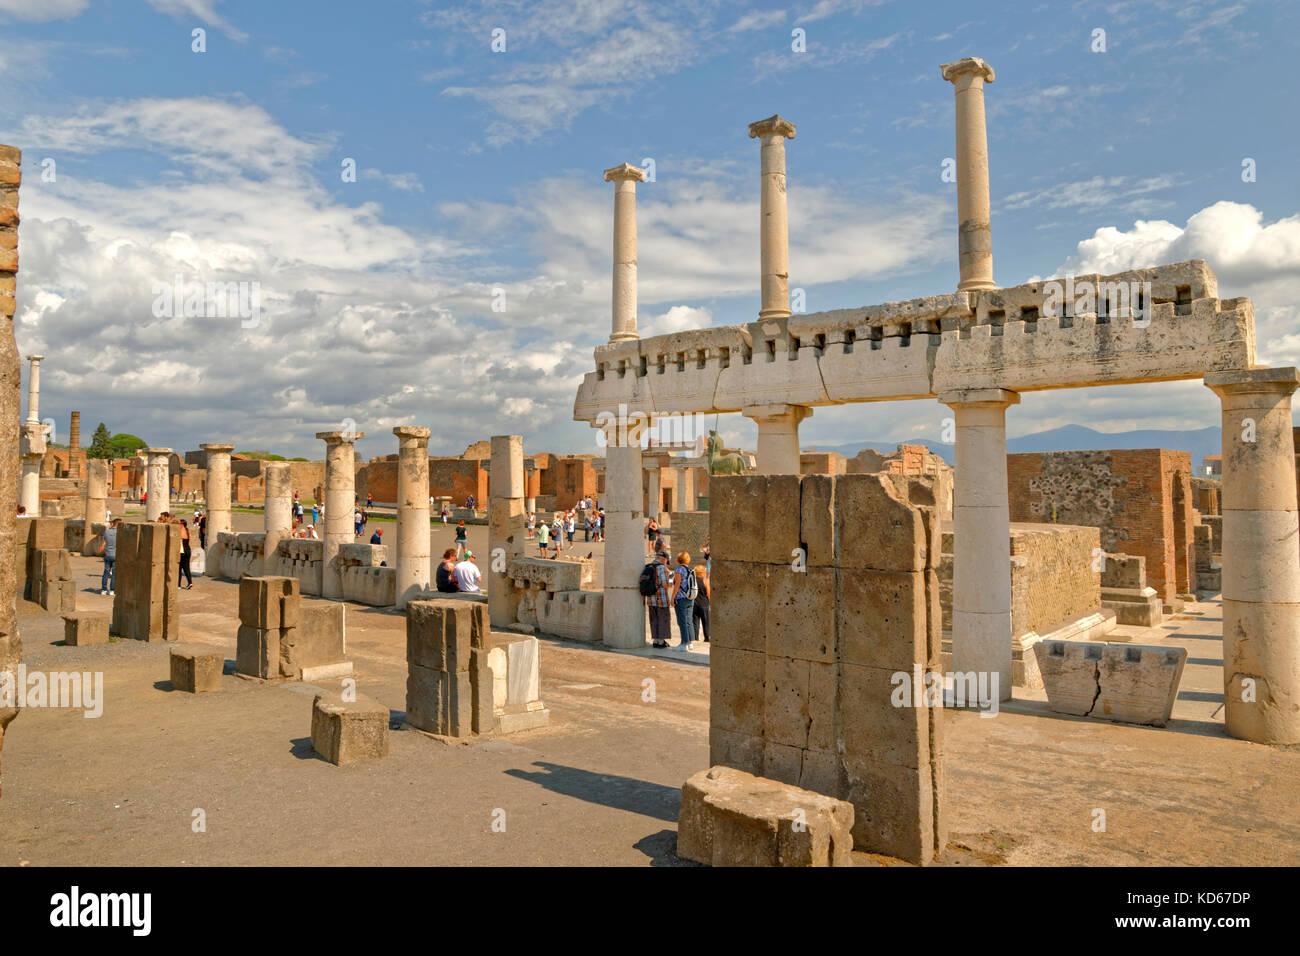 Façon arcadienne avec des colonnes doriques au Forum dans les ruines de la ville romaine de Pompéi à Photo Stock